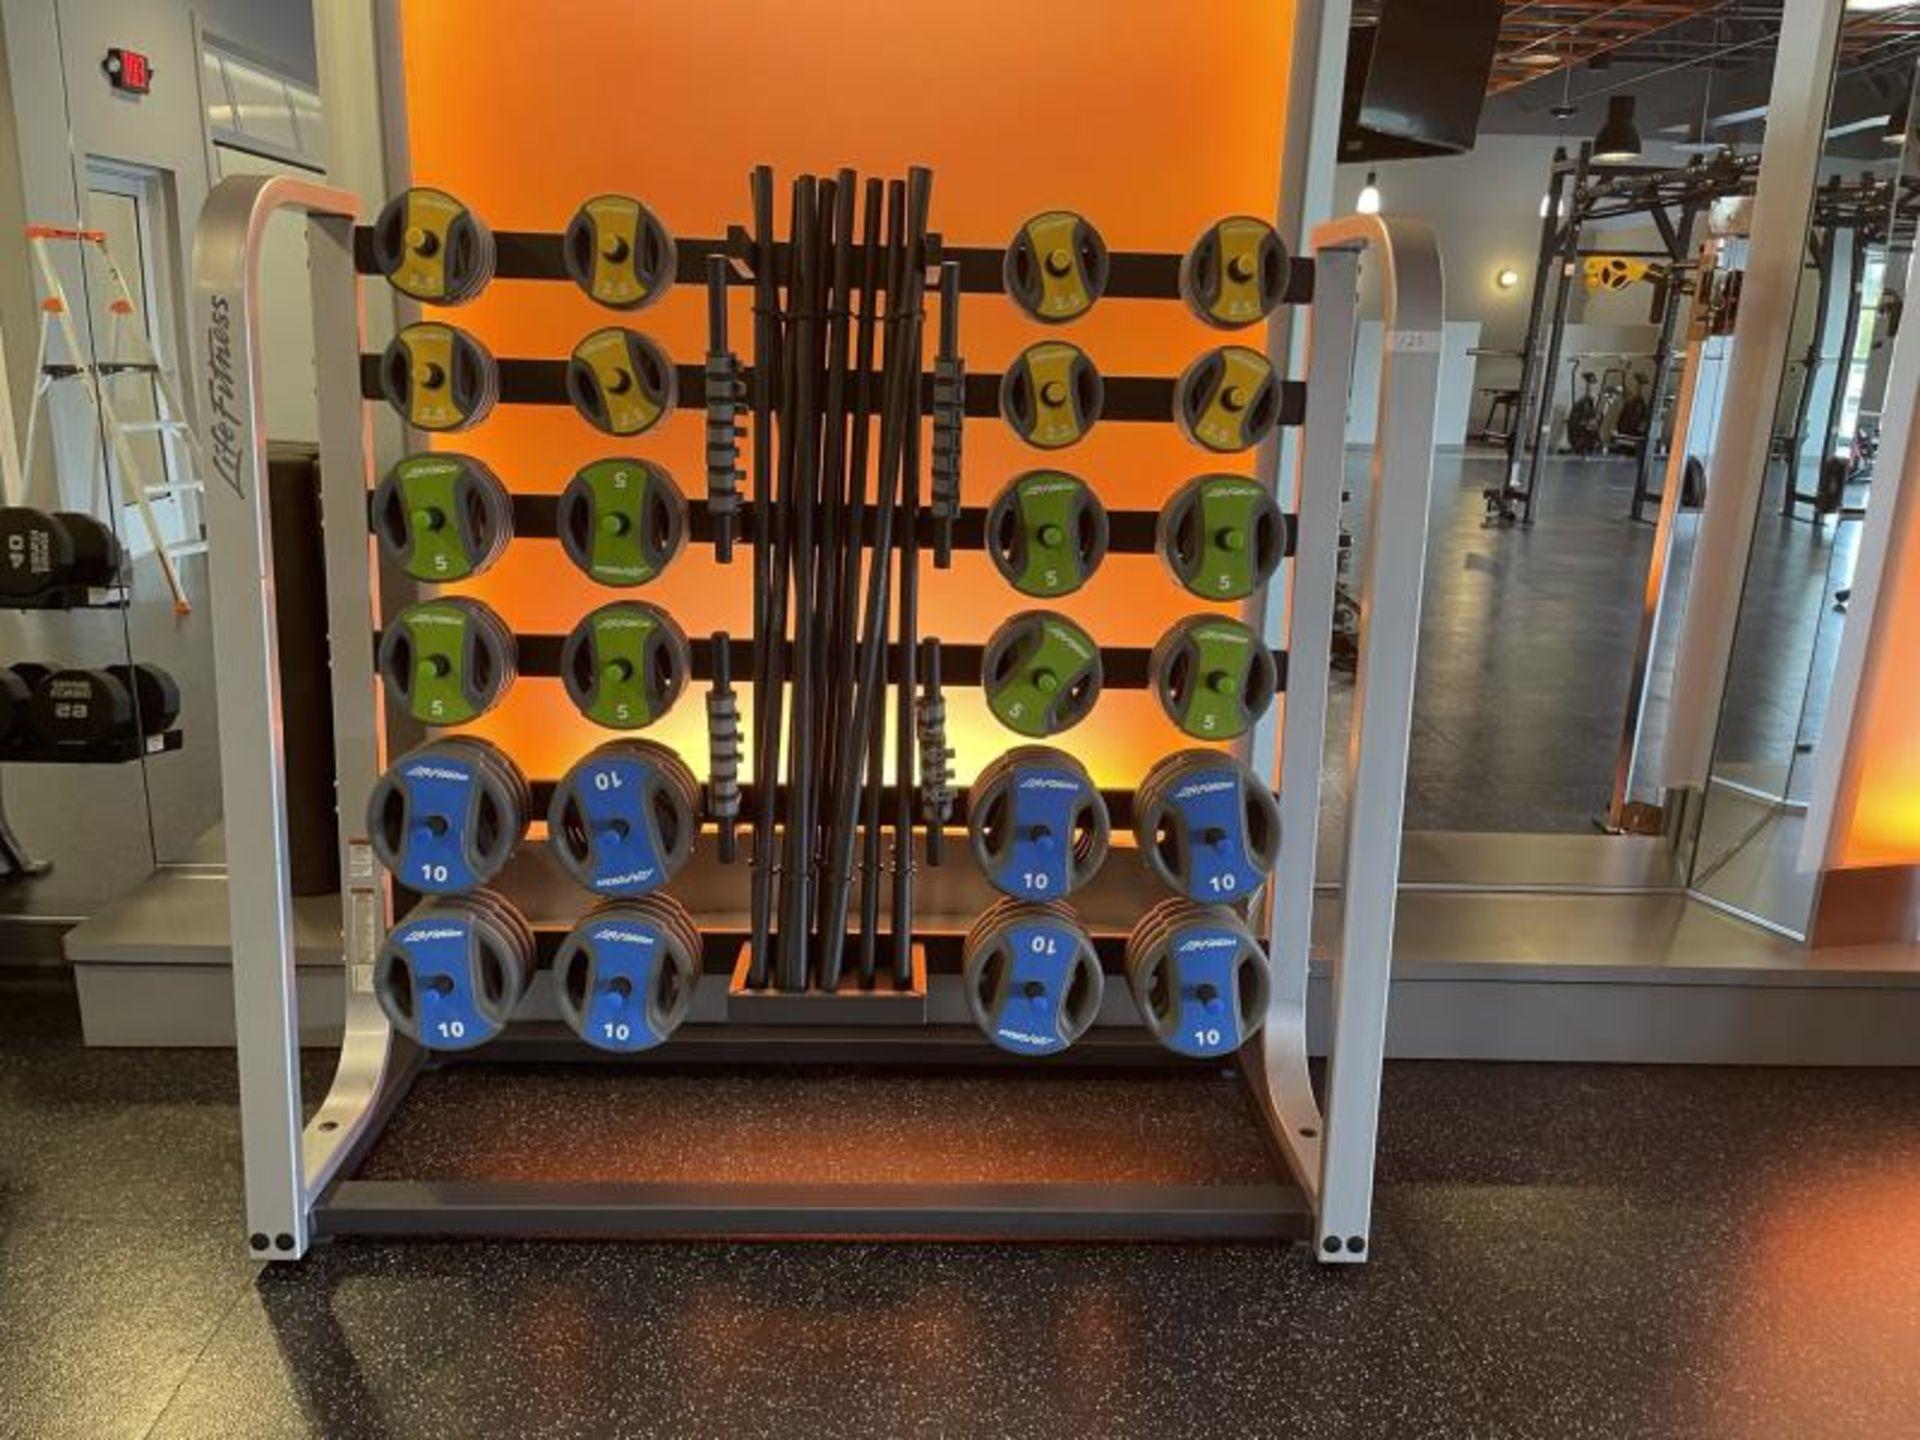 Life Fitness Studio Barbell Pack Urethane 2.5#, 5#, 10#, 13 Bars, Rack Model GBB